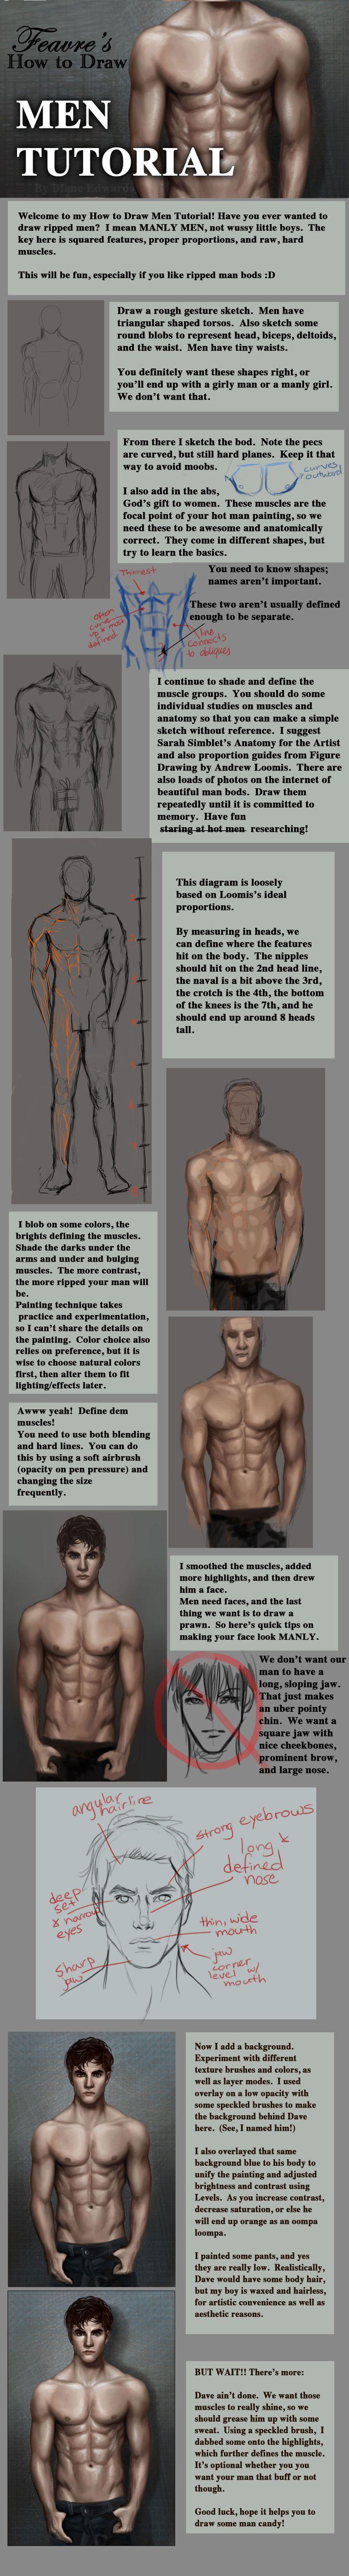 Men tuto: